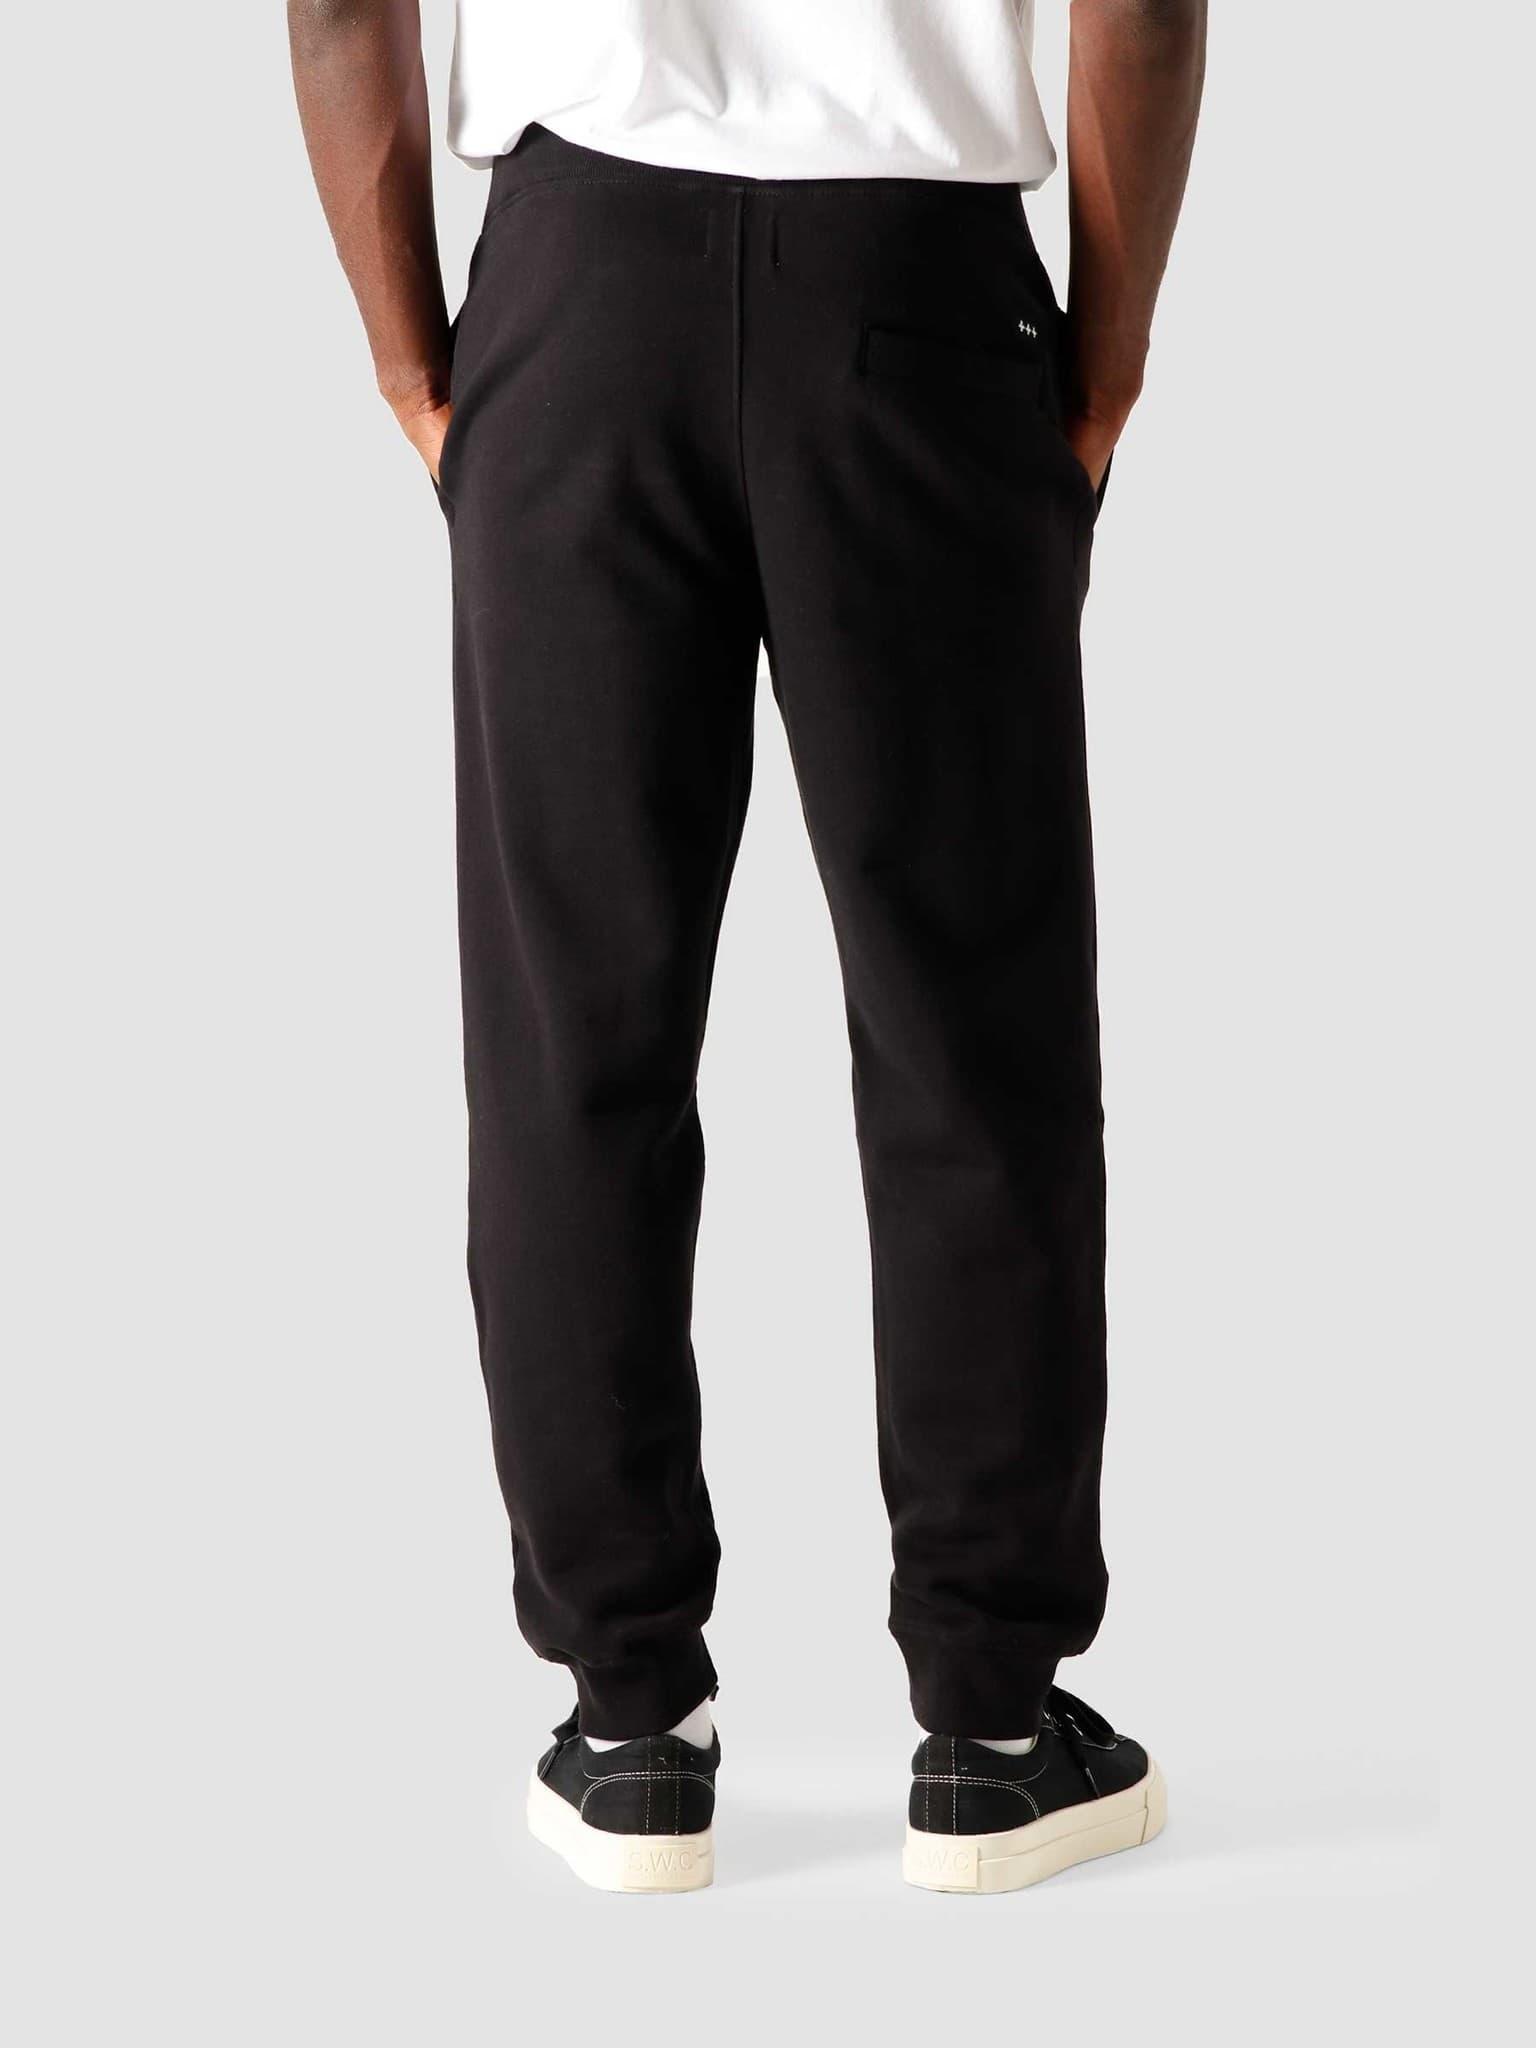 QB33 Patch Logo Sweat pant Black